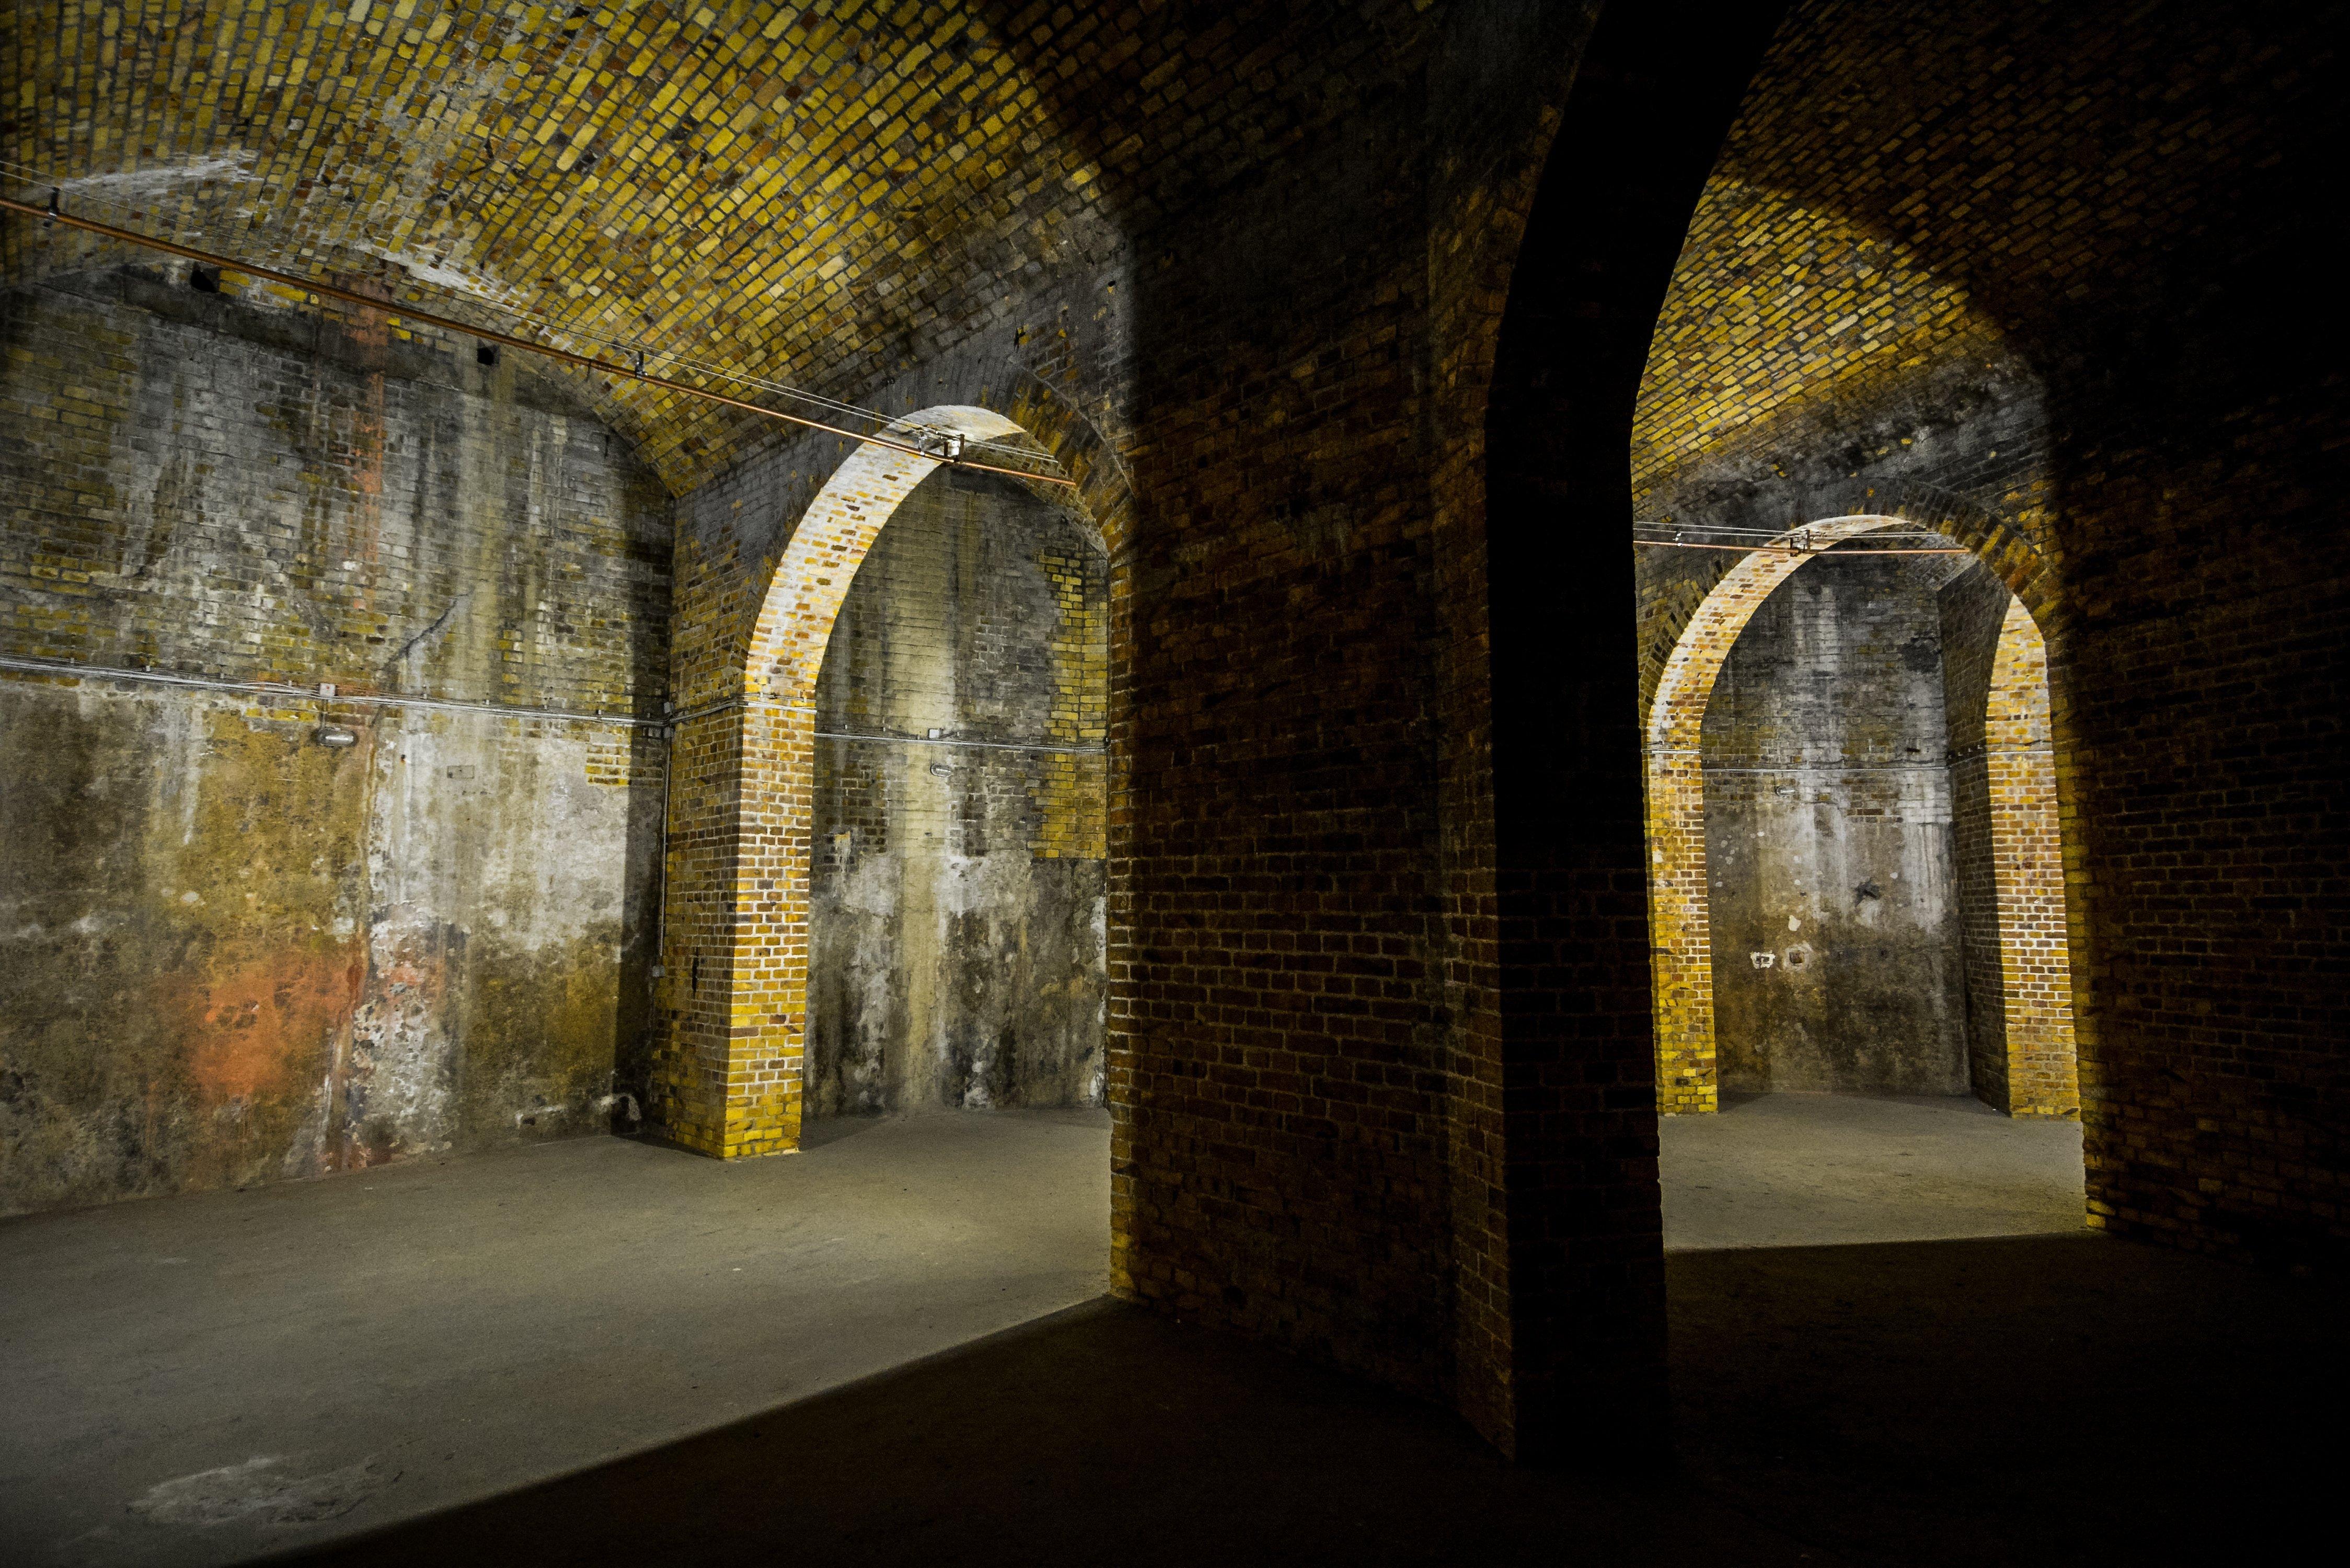 berlin prenzlauer berg wasserturm kleines wasserreservoir gewoelbe water tower small water reservoir interior catacombs arches